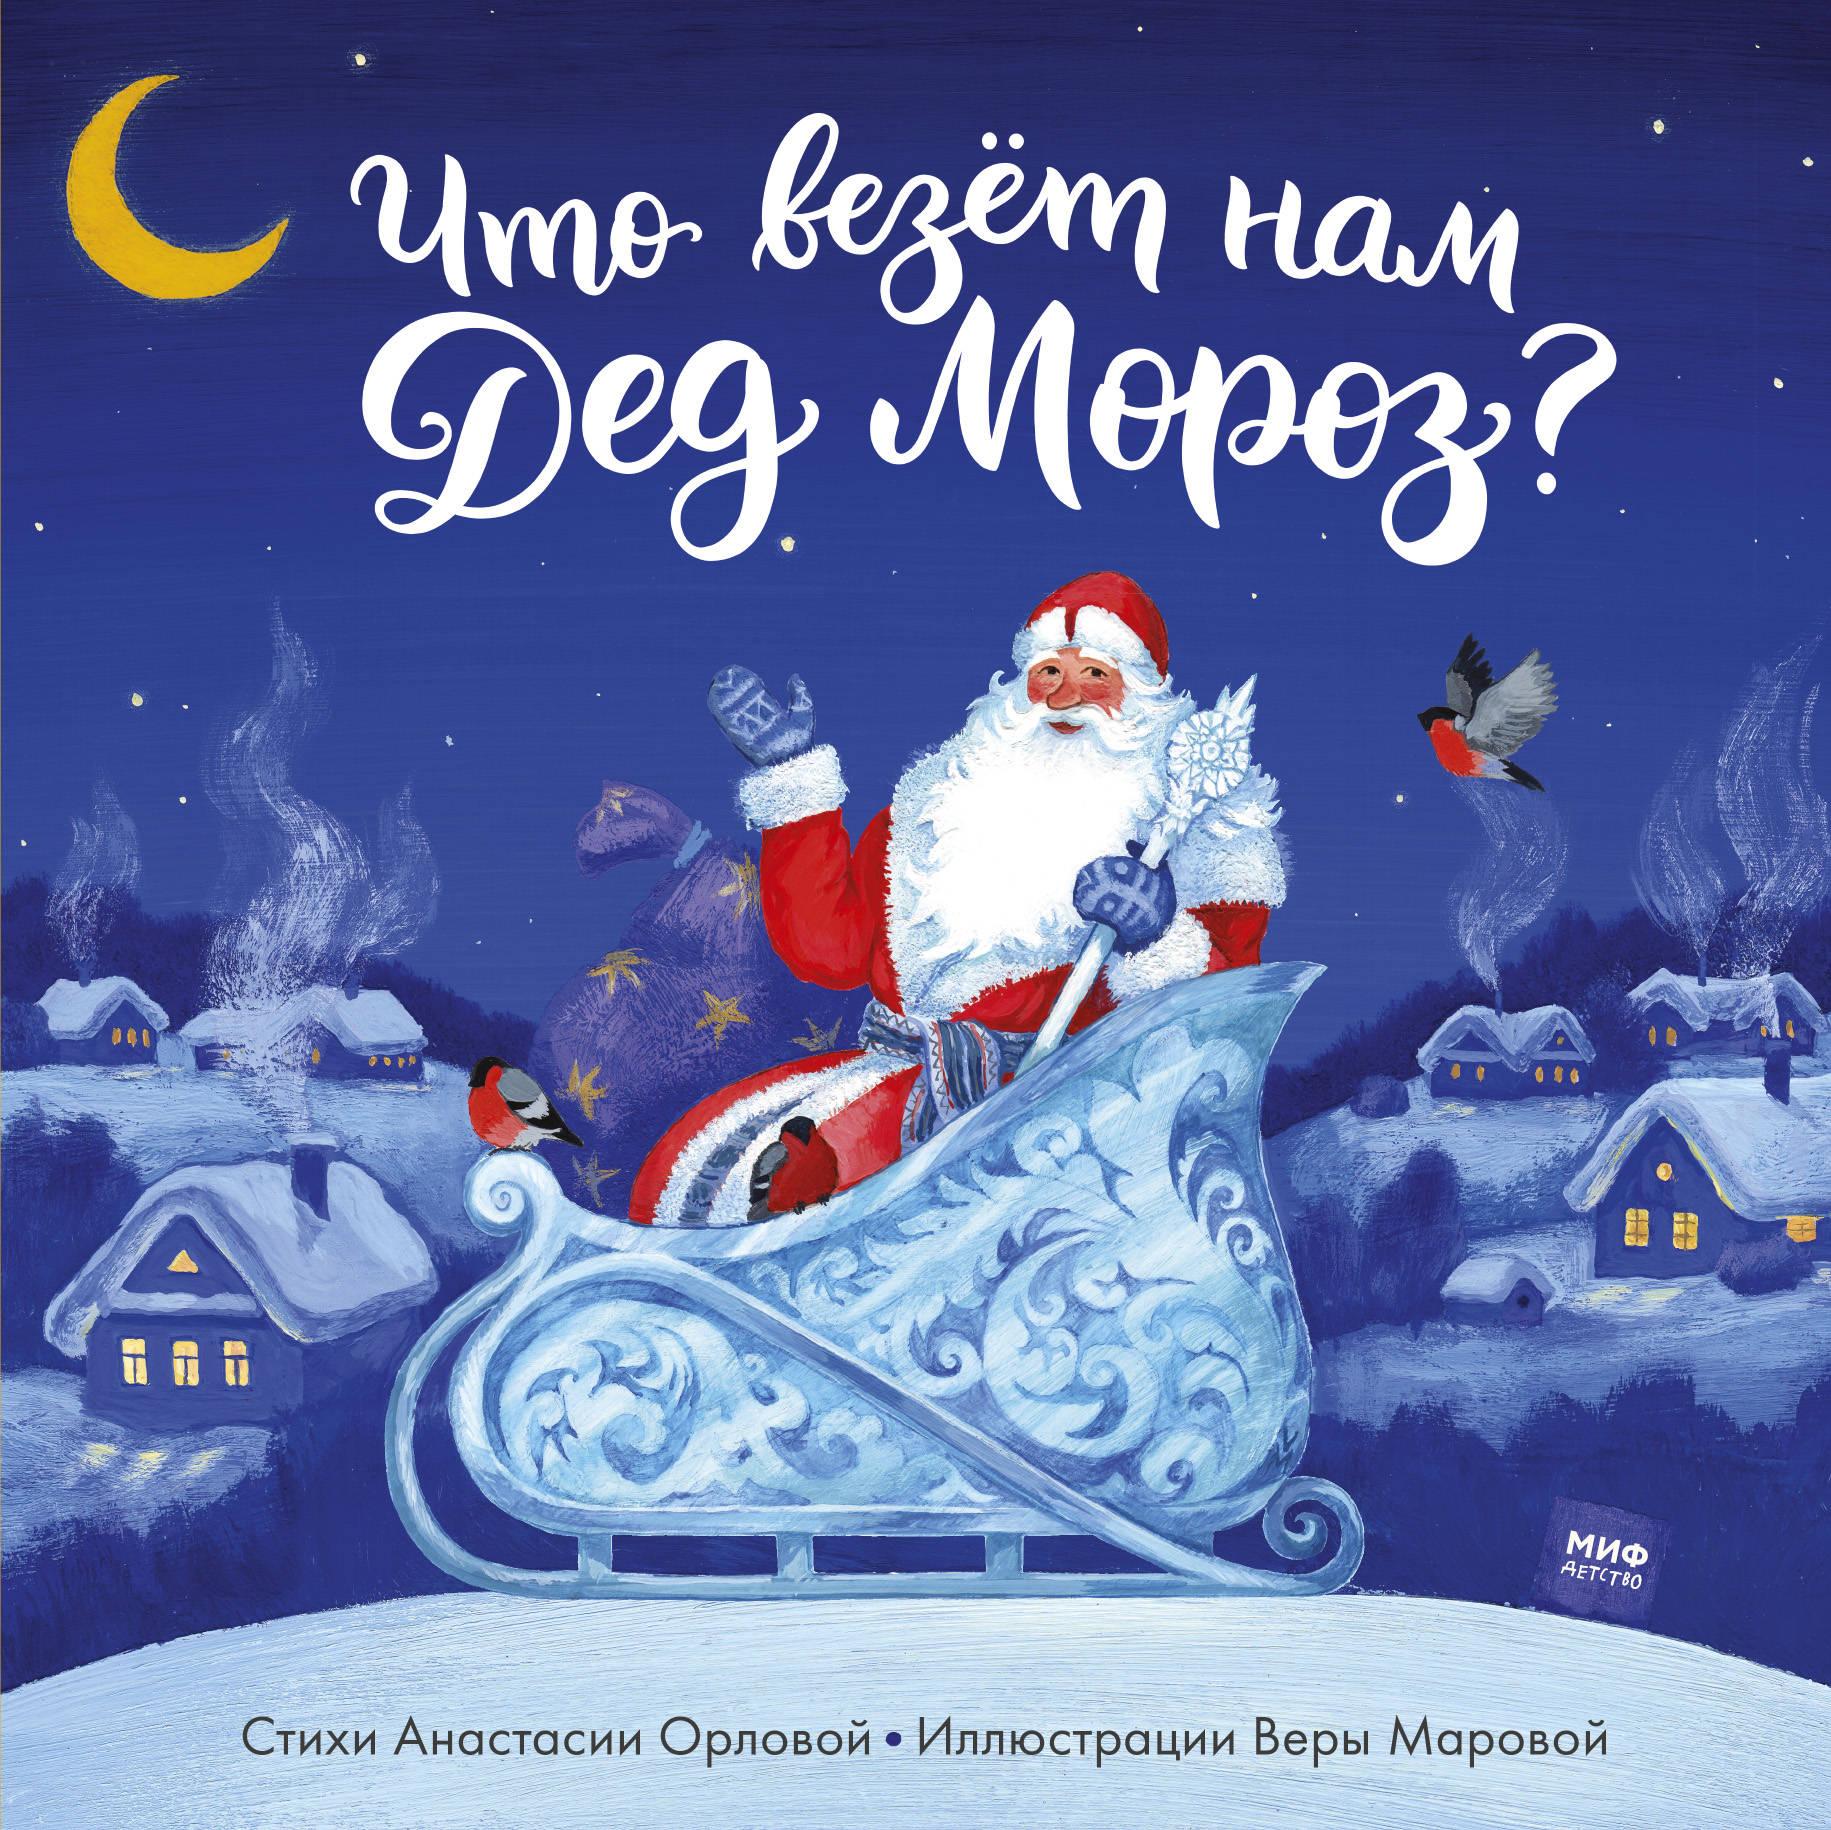 Chto vezet nam Ded Moroz?